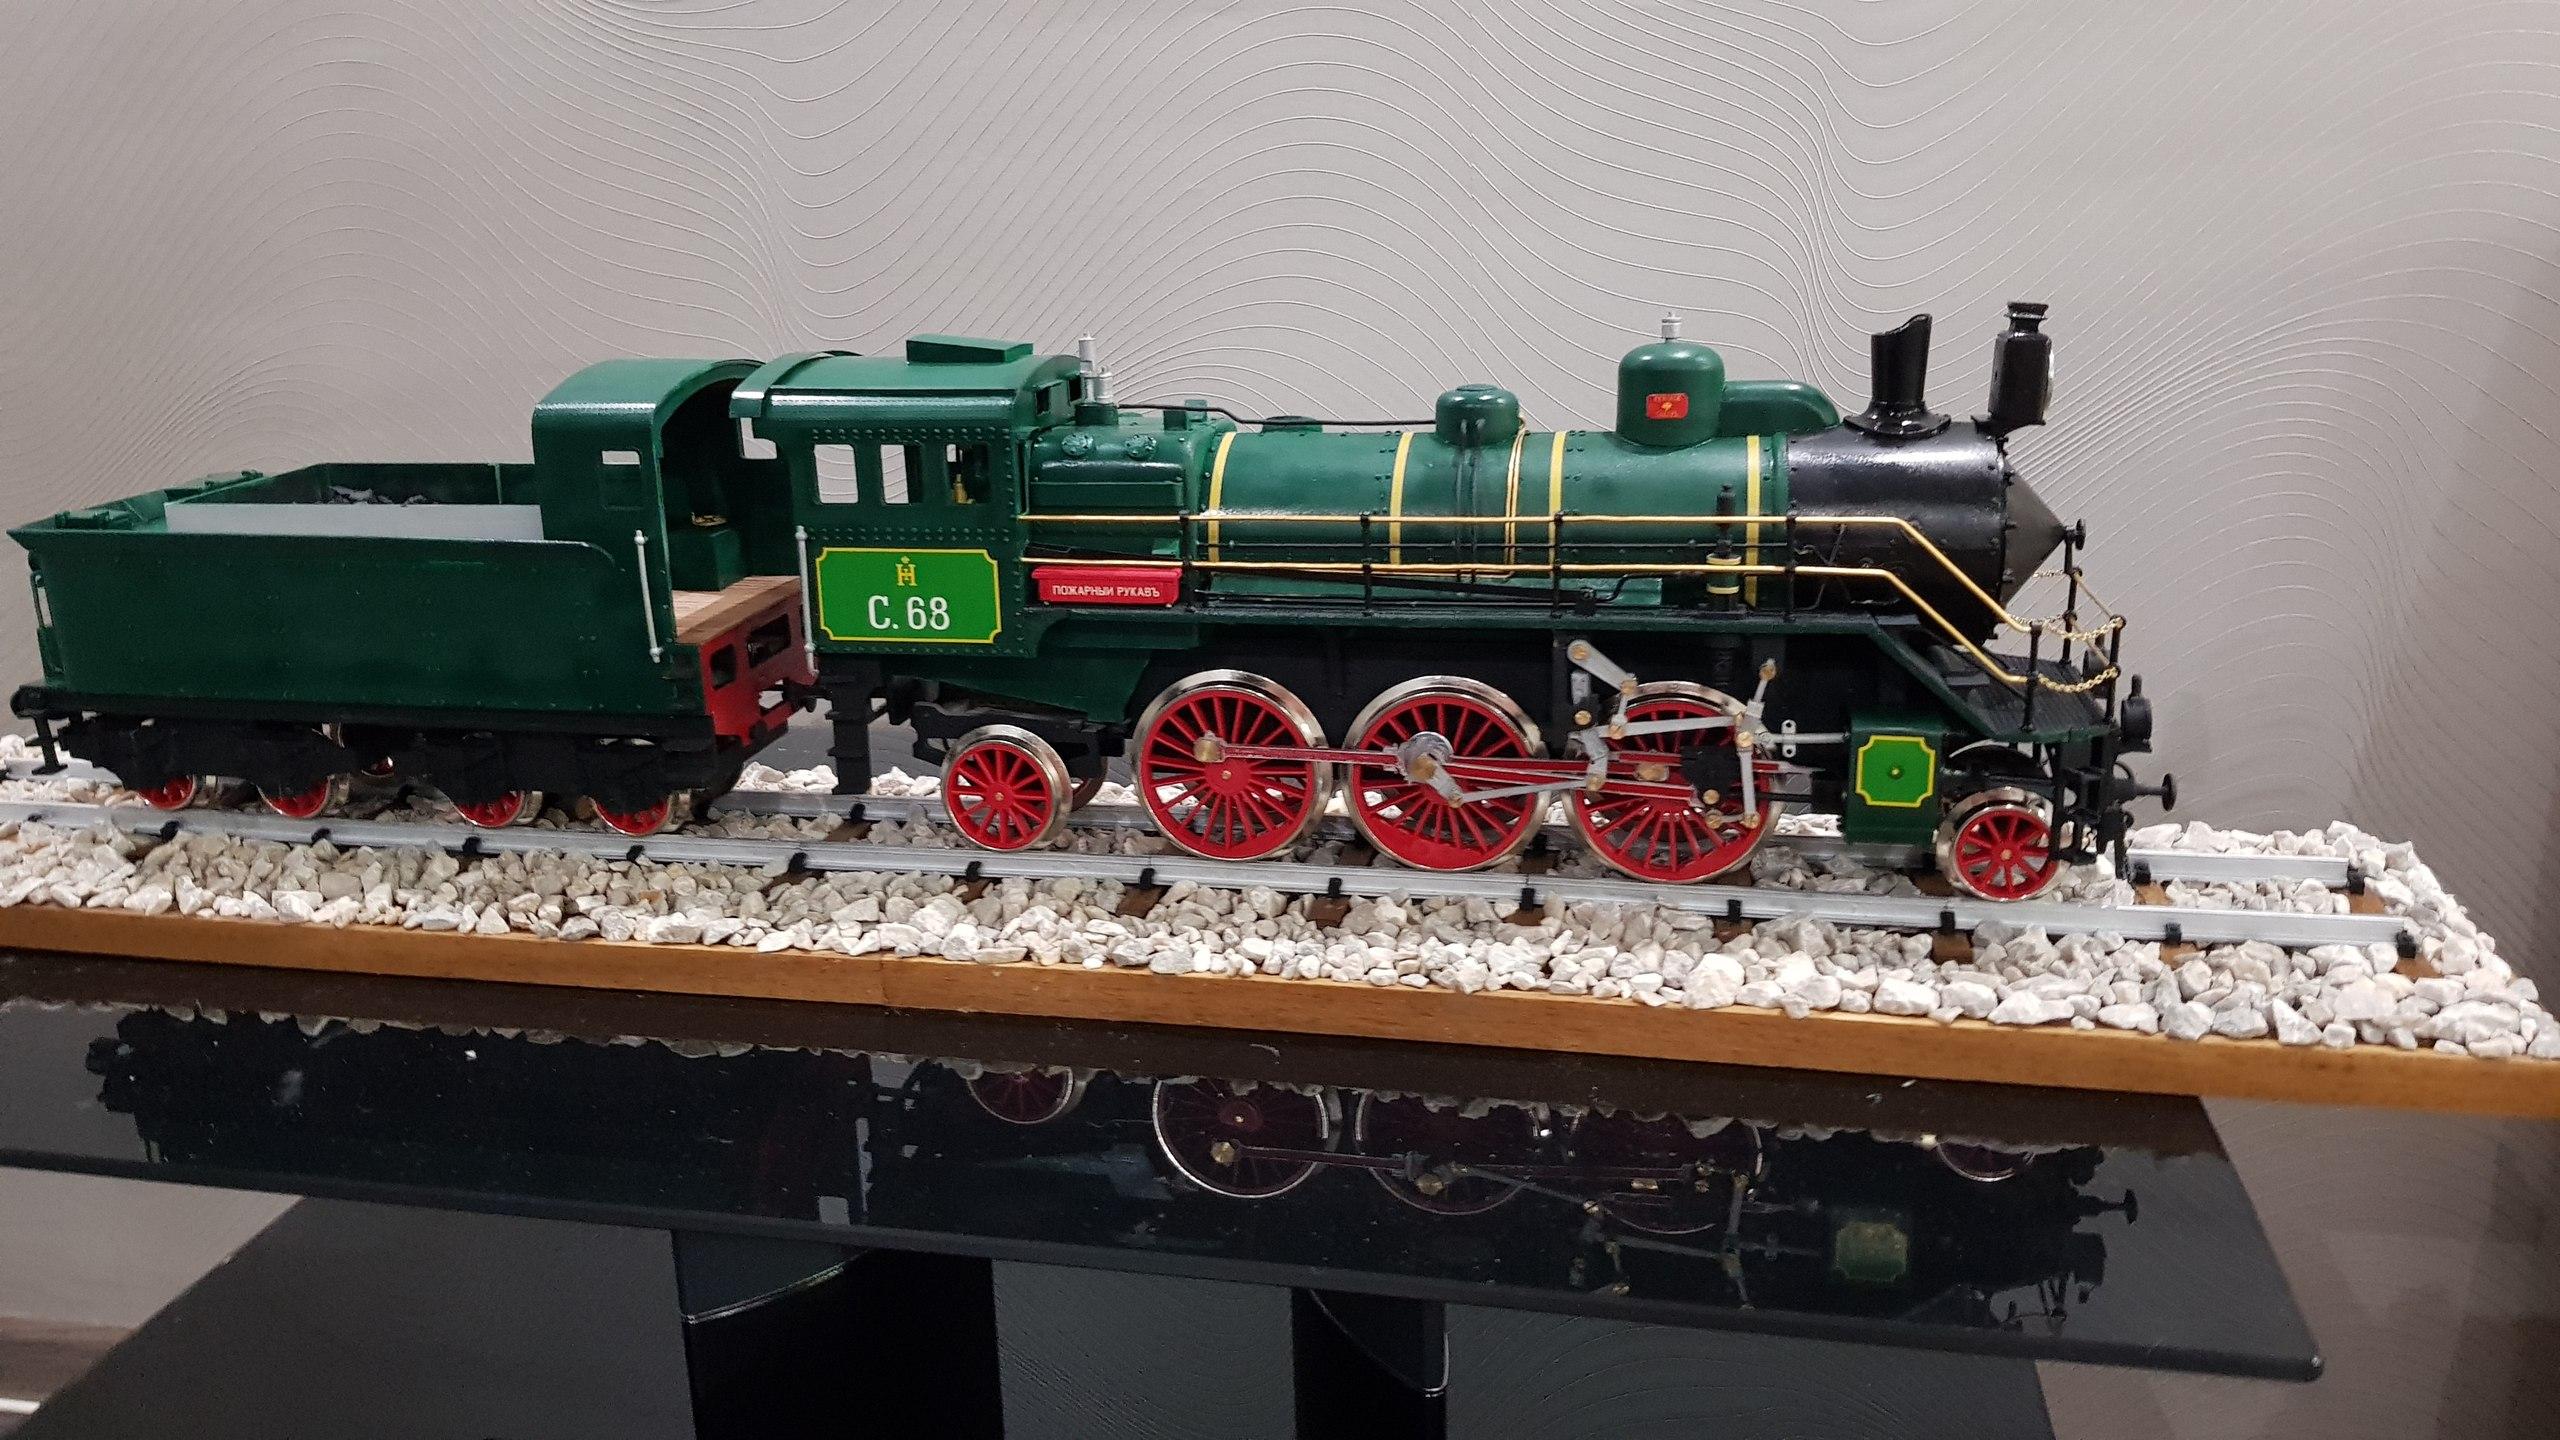 Модель паровоза С-68 масштаб 1:32 LT9n42p8sCg